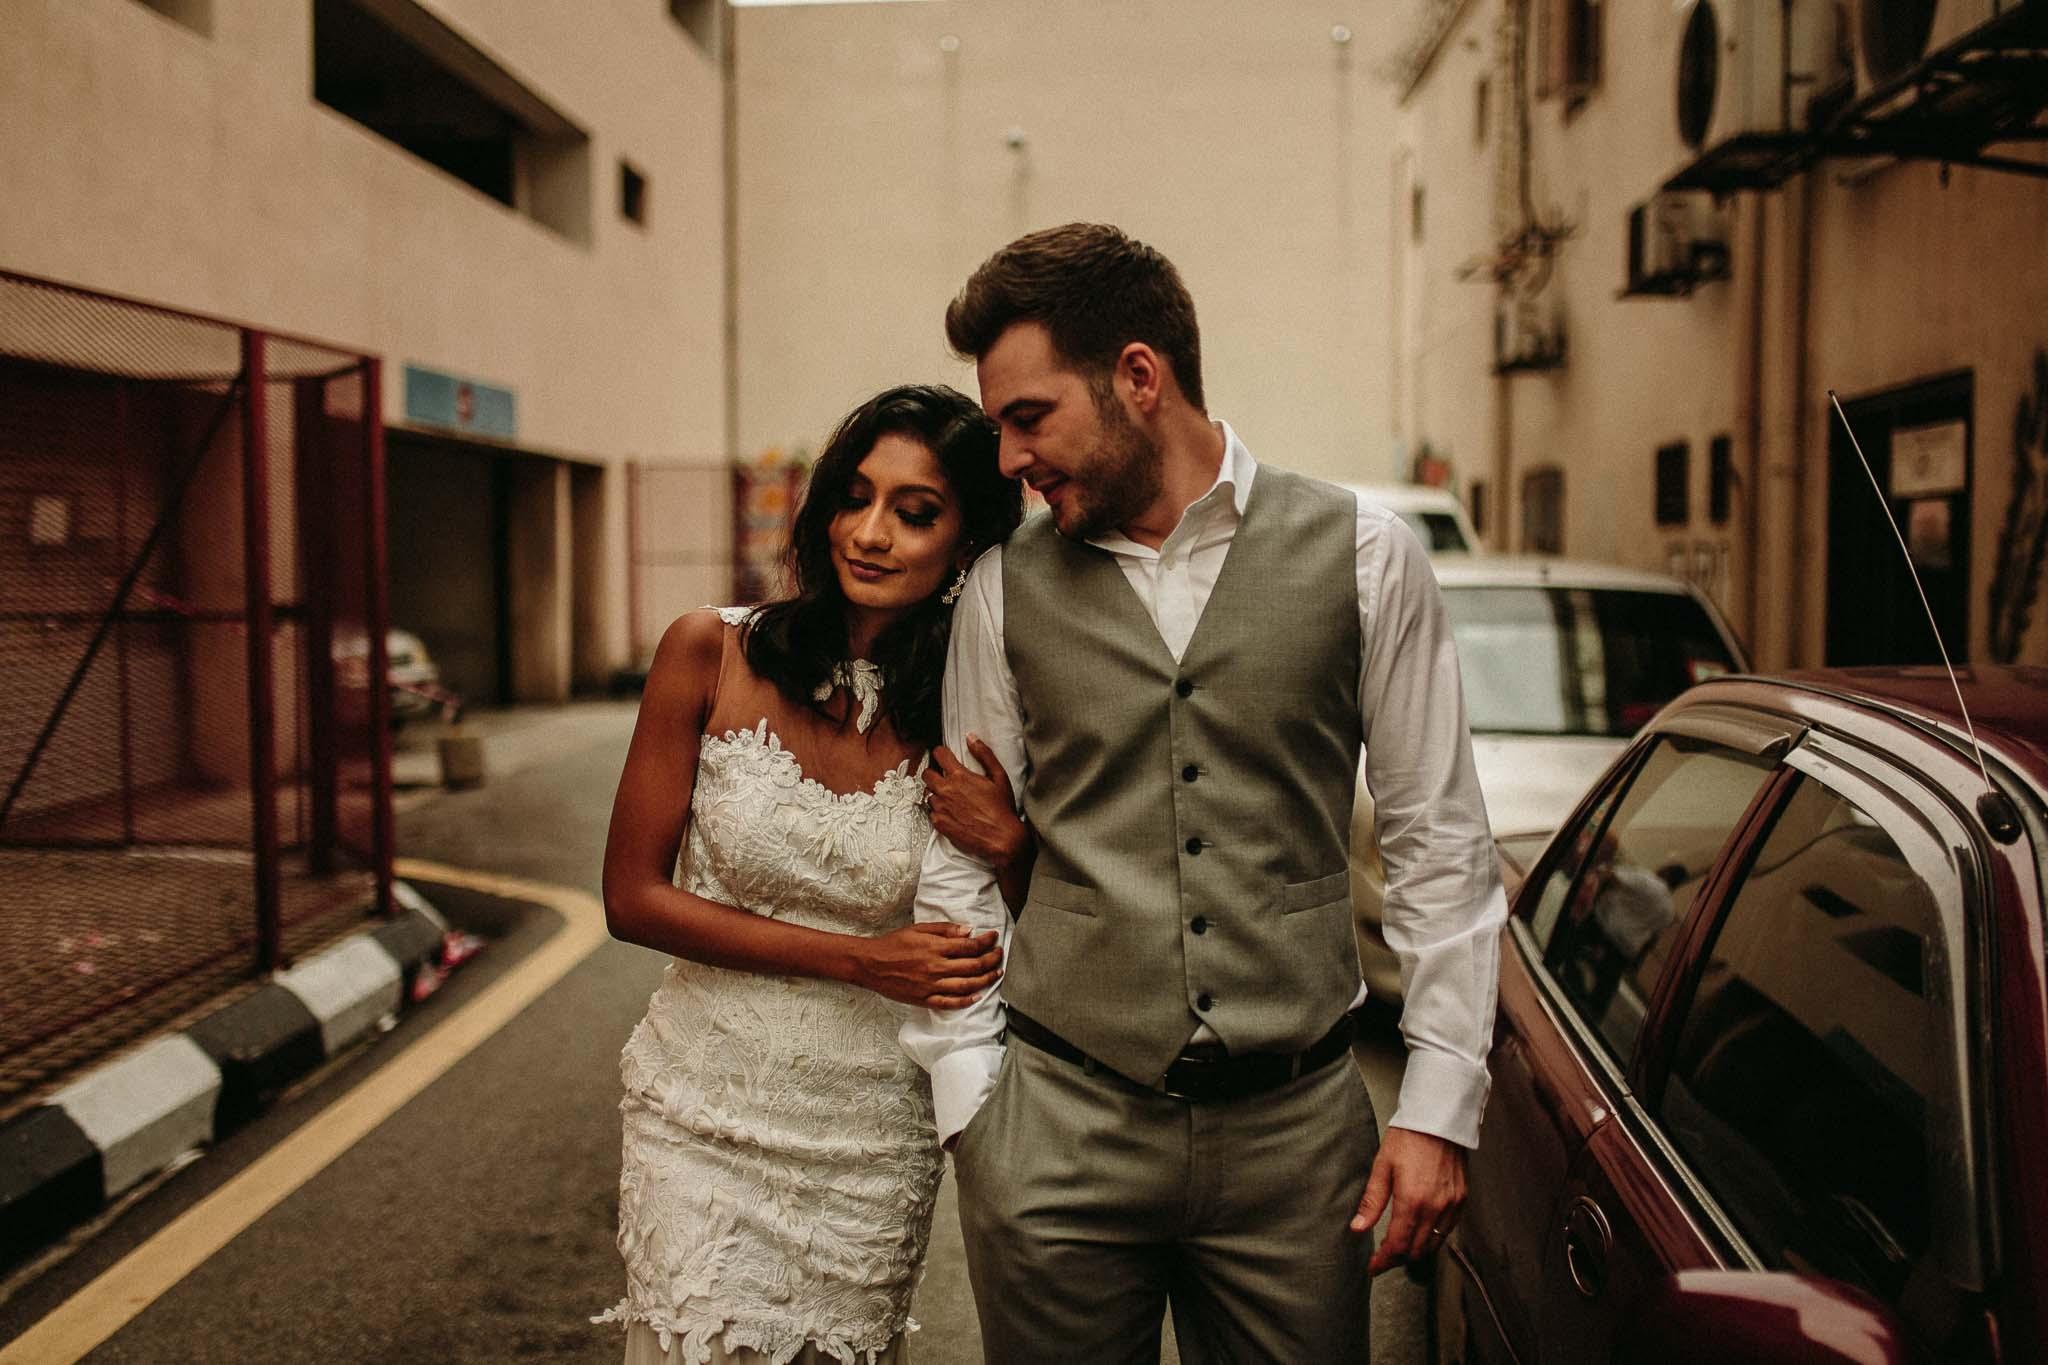 u&m-weddingsbyqay-lovesession-destinationweddingphotographer (82 of 160).jpg